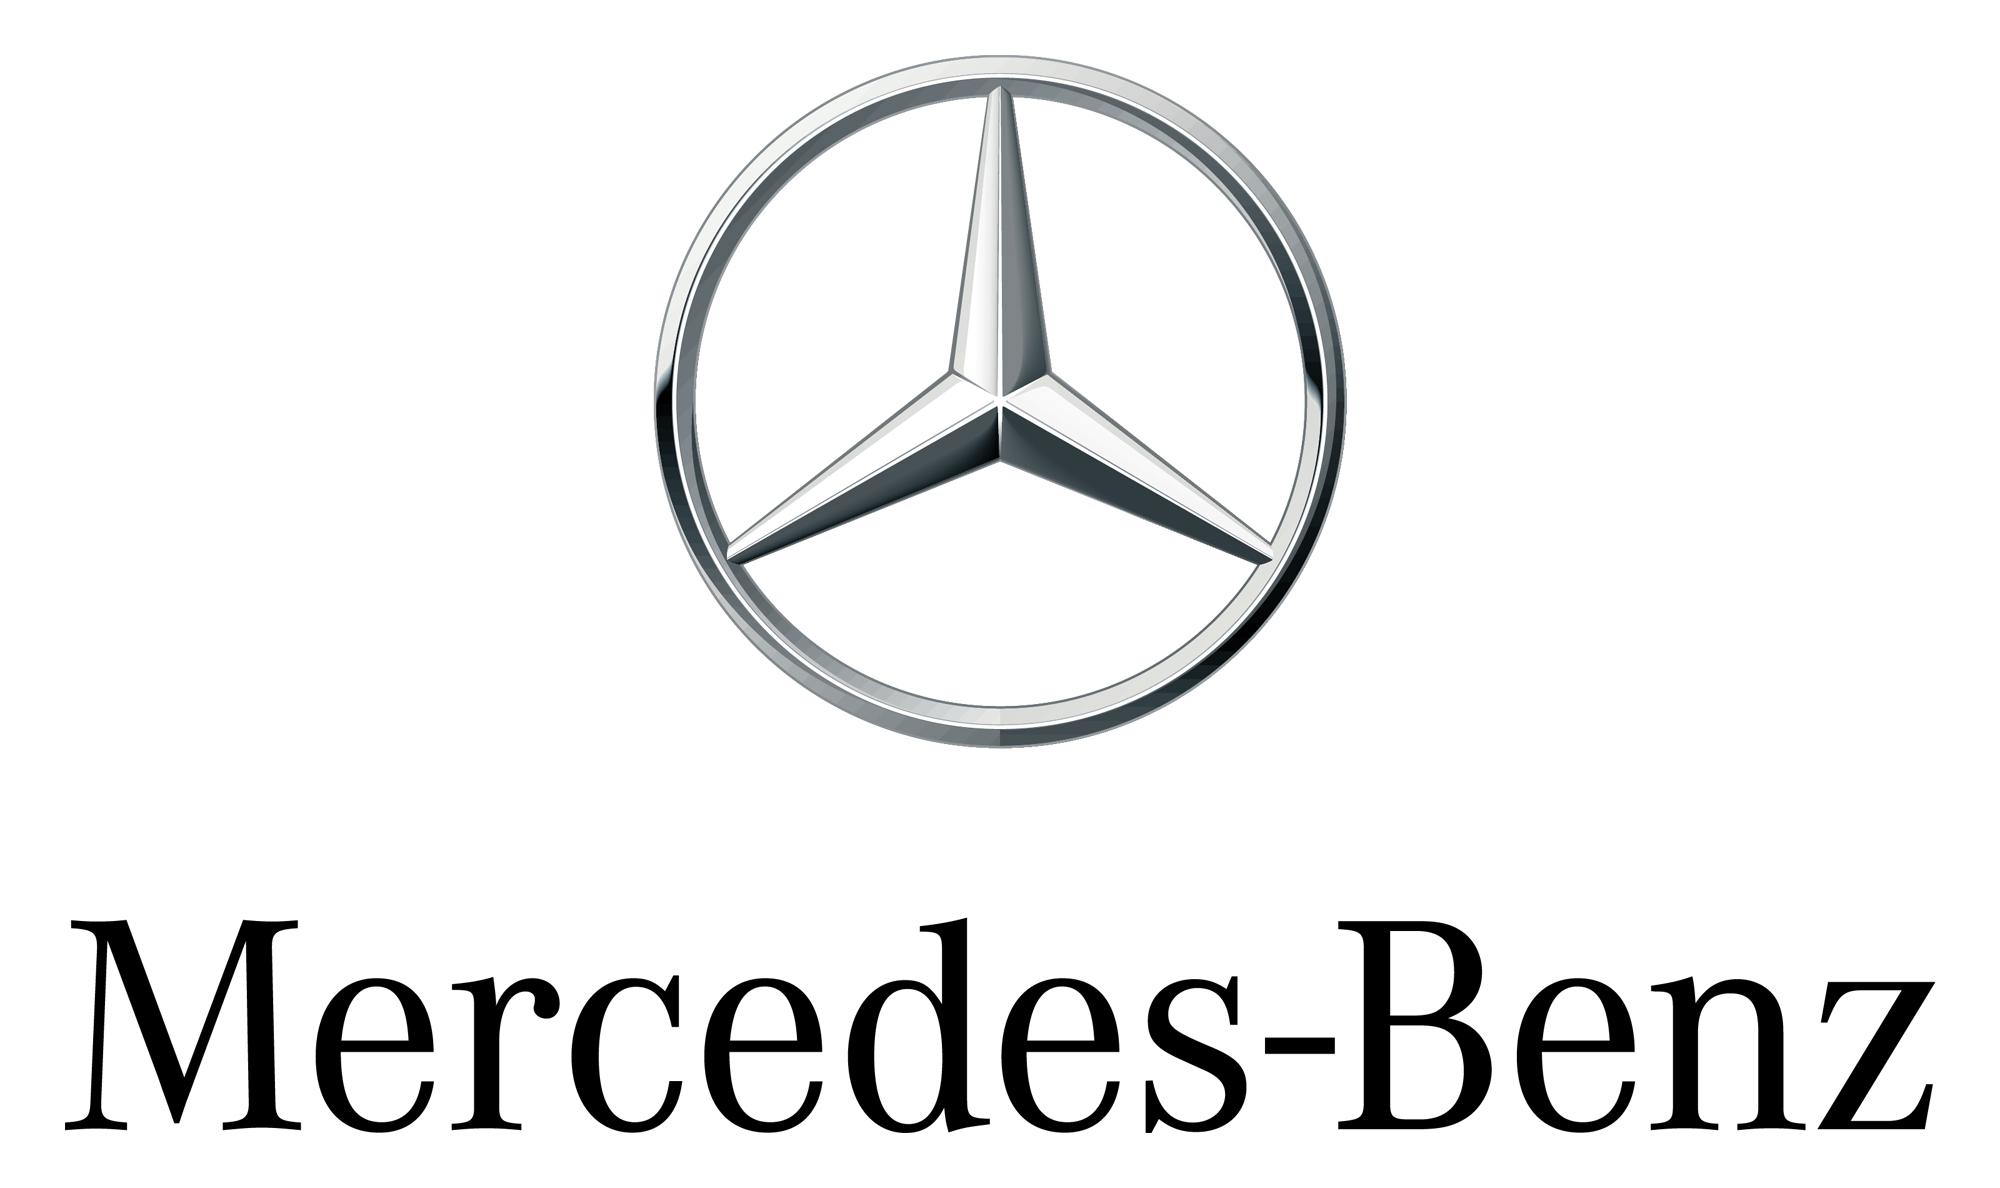 Car Brands A C